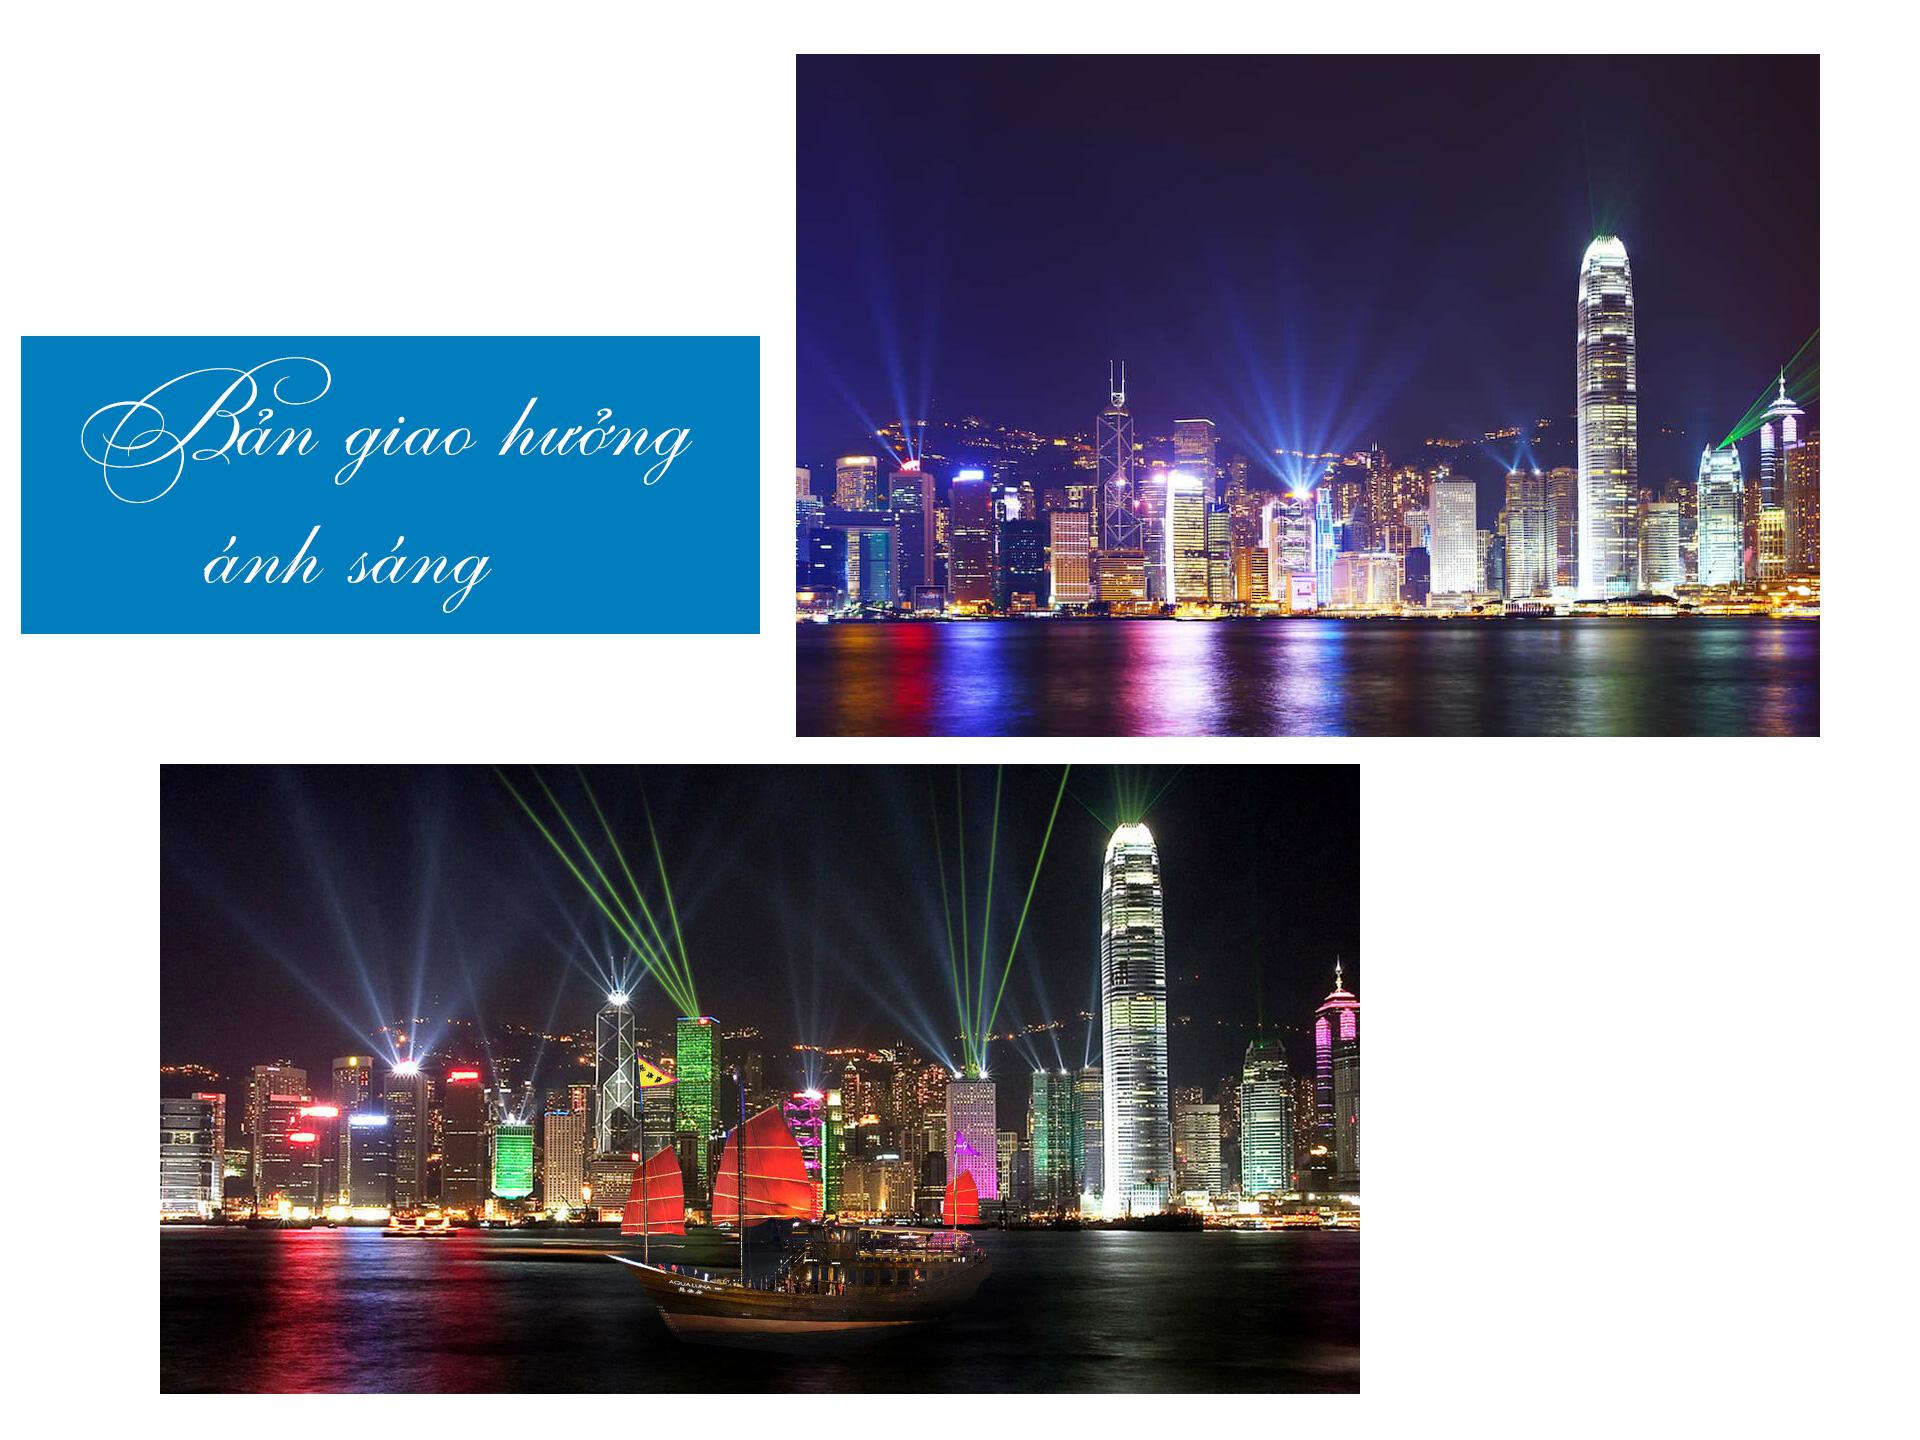 Khám phá Hồng Kông với những điểm đến ấn tượng nhất - 13